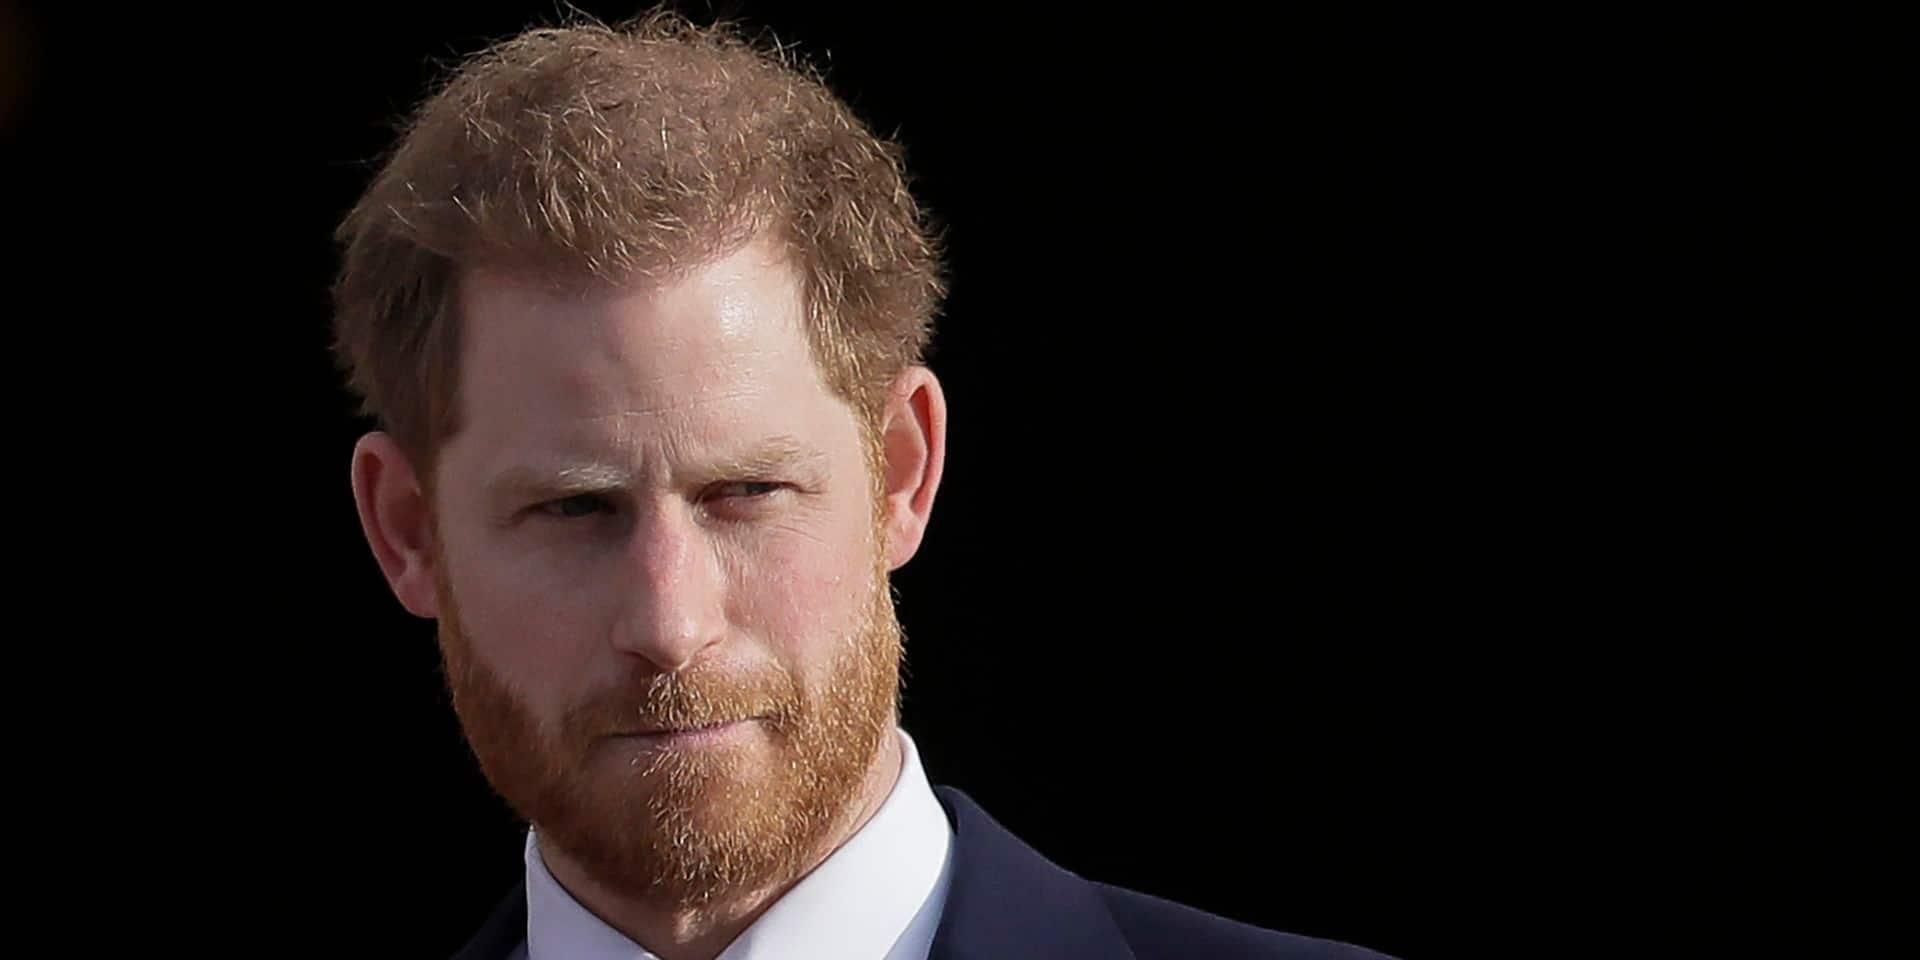 Le prince Harry riposte et révèle combien il a réellement touché sur l'héritage de son arrière-grand-mère